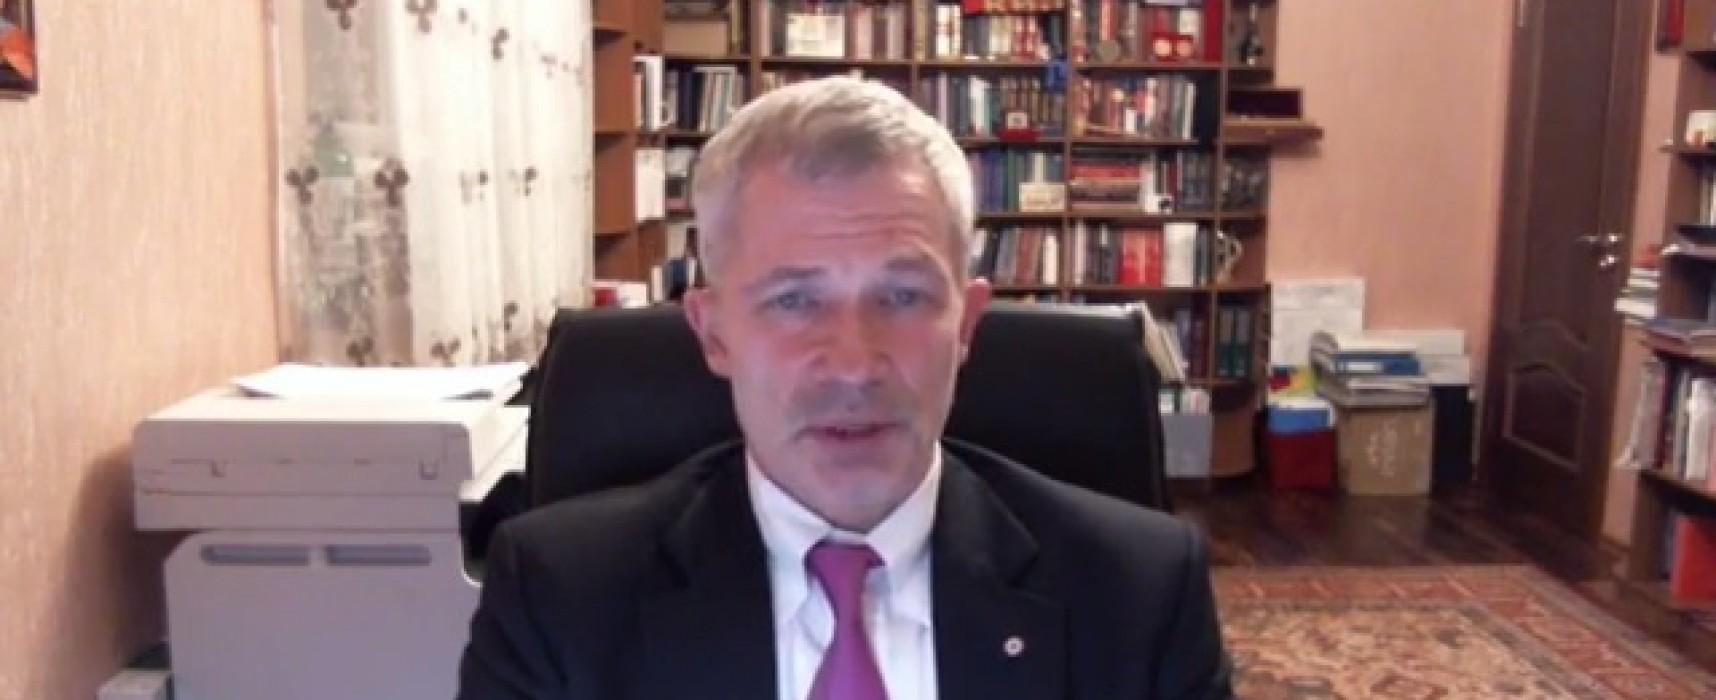 Председатель московского Красного креста опубликовал лживое опровержение своих слов